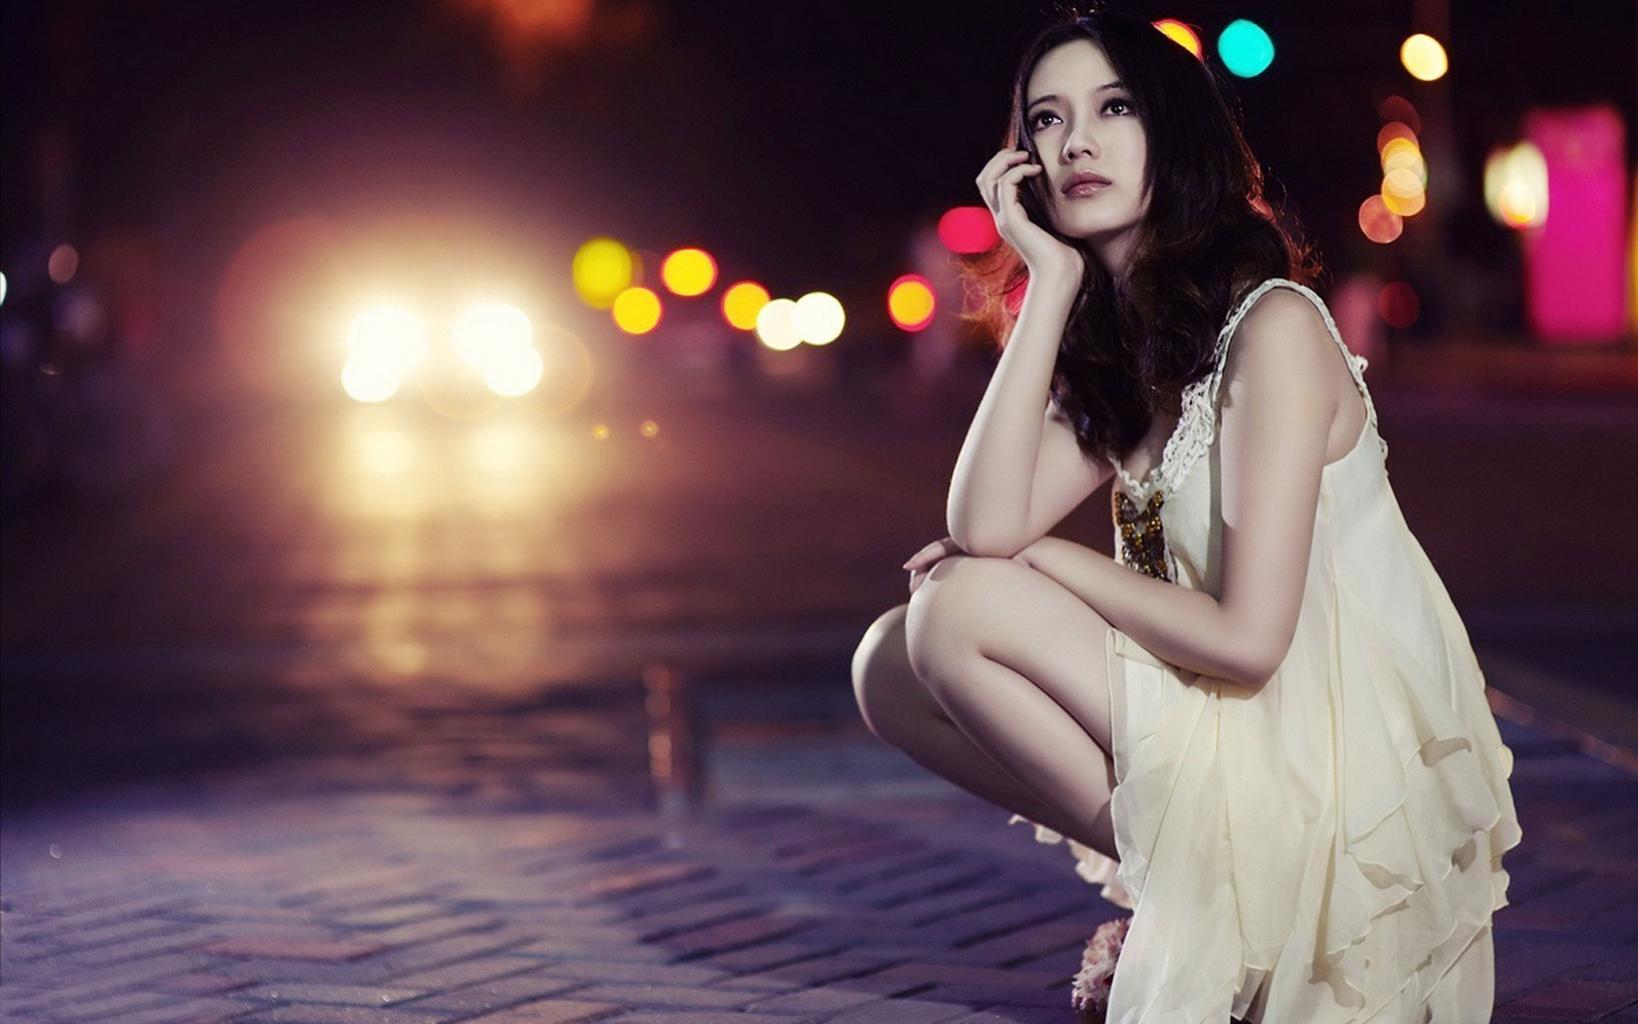 Đàn bà khôn ngoan nói KHÔNG với 3 điều này thì chẳng phải khổ sở, bất hạnh khi lấy chồng - Ảnh 3